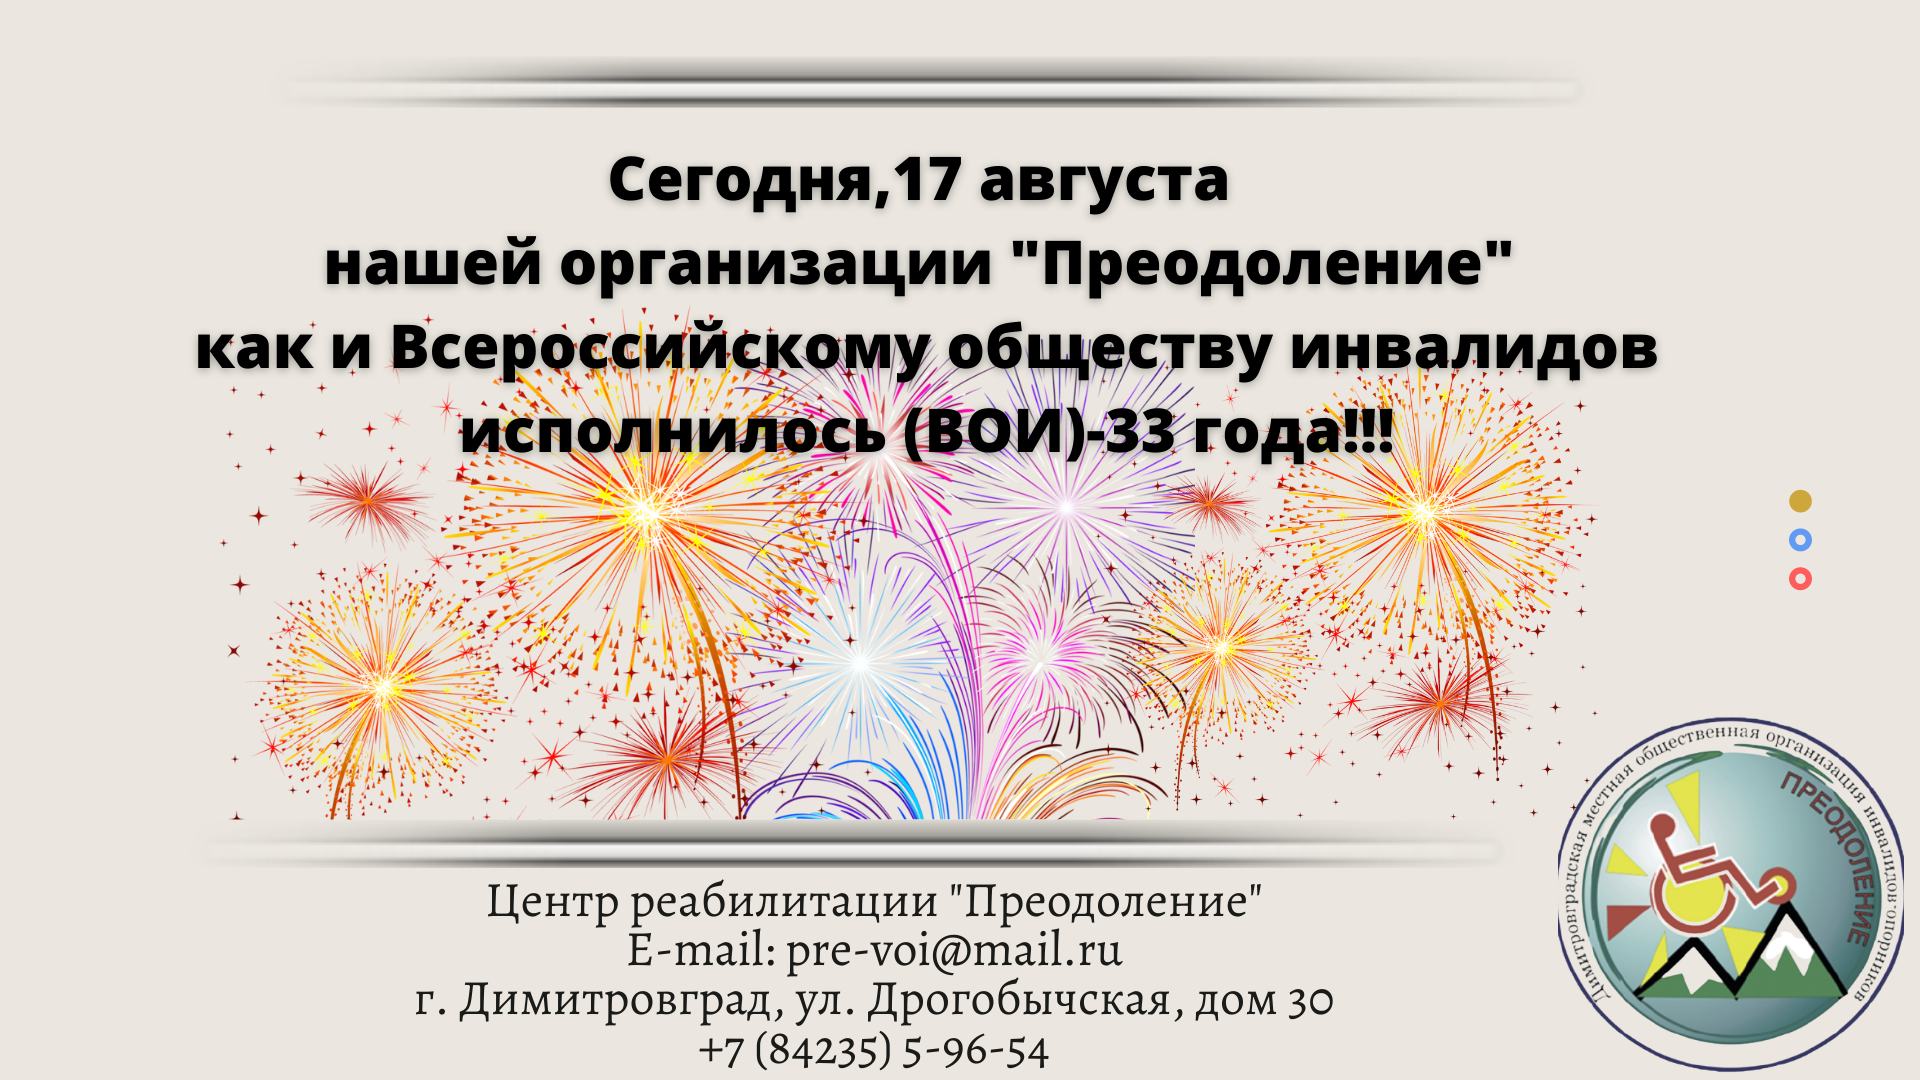 """Сегодня,17 августа нашей организации """"Преодоление"""" как и Всероссийскому обществу инвалидов исполнилось (ВОИ)-33 года!!!"""